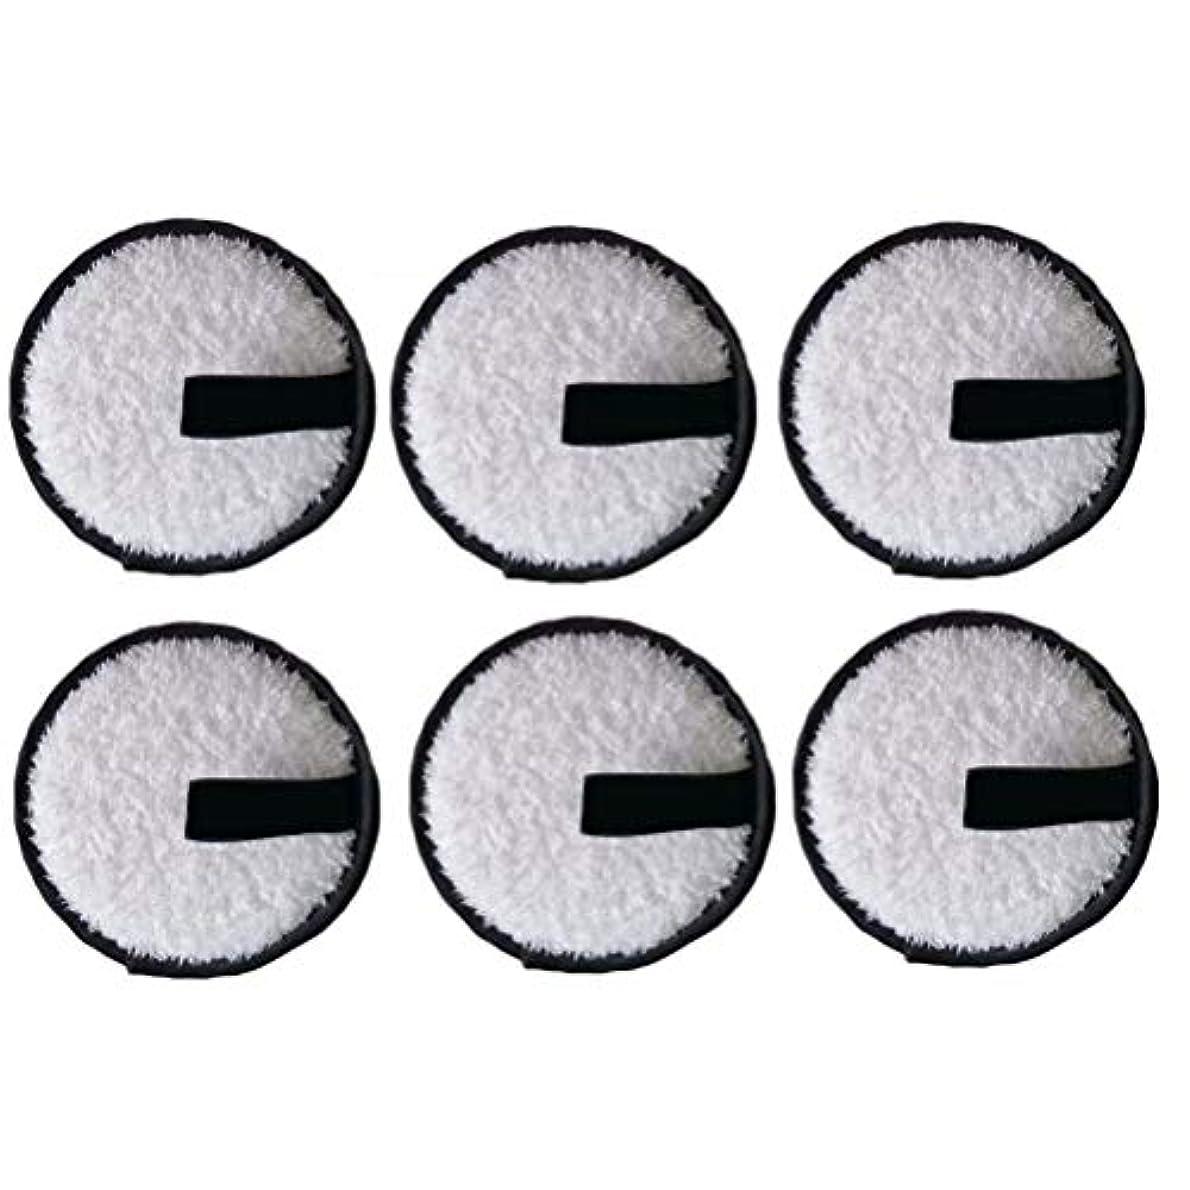 。主張するによるとLURROSE 6本洗顔パウダーパフ洗顔パウダーパフファッションメイク落とし圧縮パッド(黒)